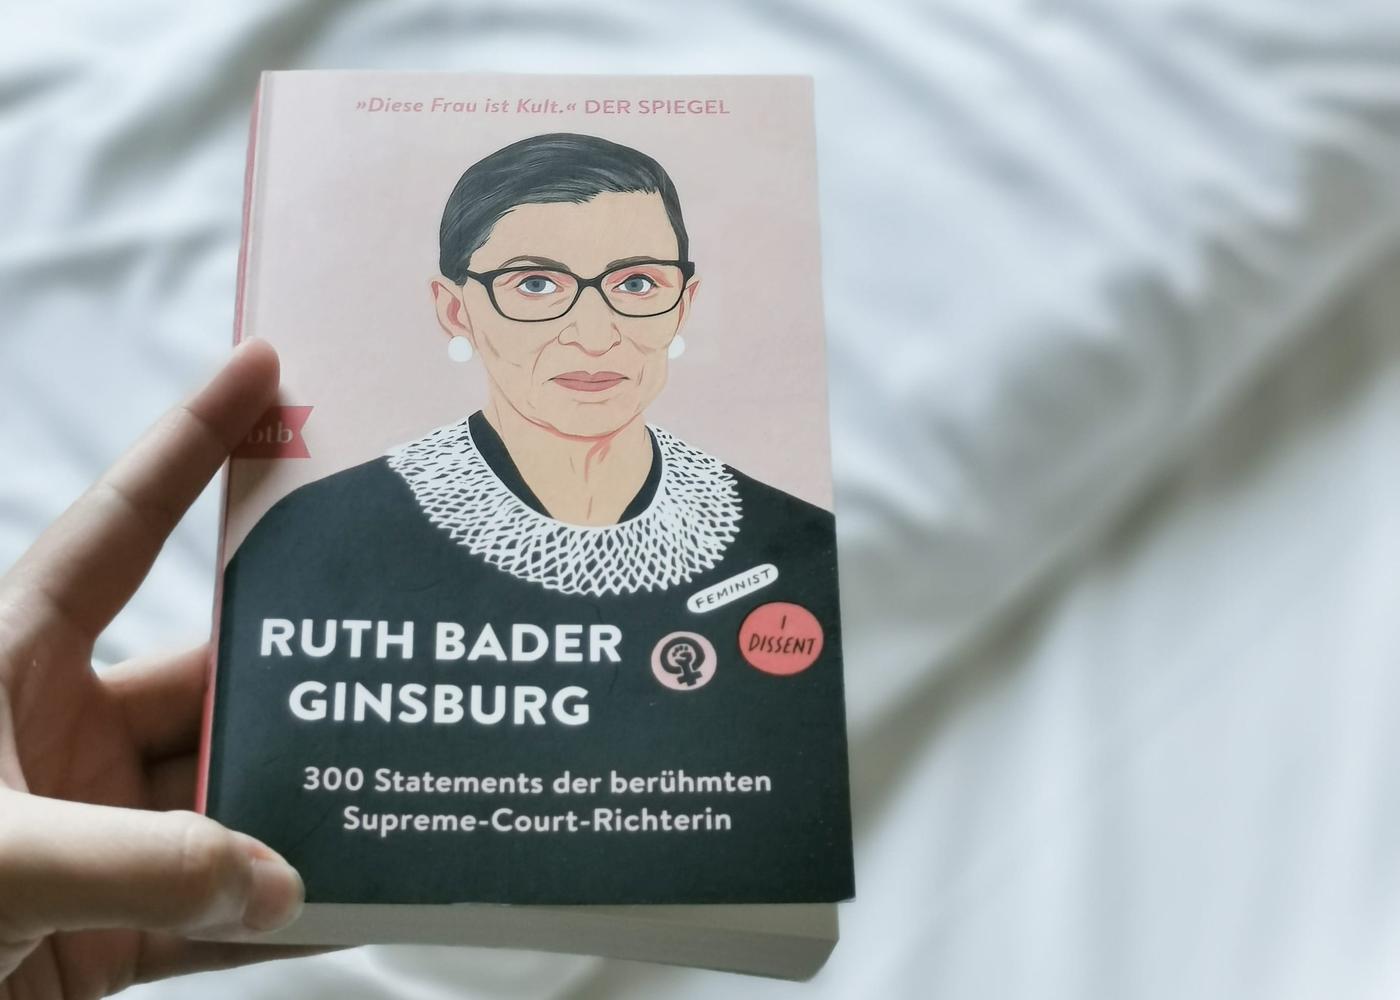 Literaturbesprechung:  »Ruth Bader Ginsburg: 300 Statements der berühmten Supreme-Court-Richterin« herausgegeben von Helena Hunt